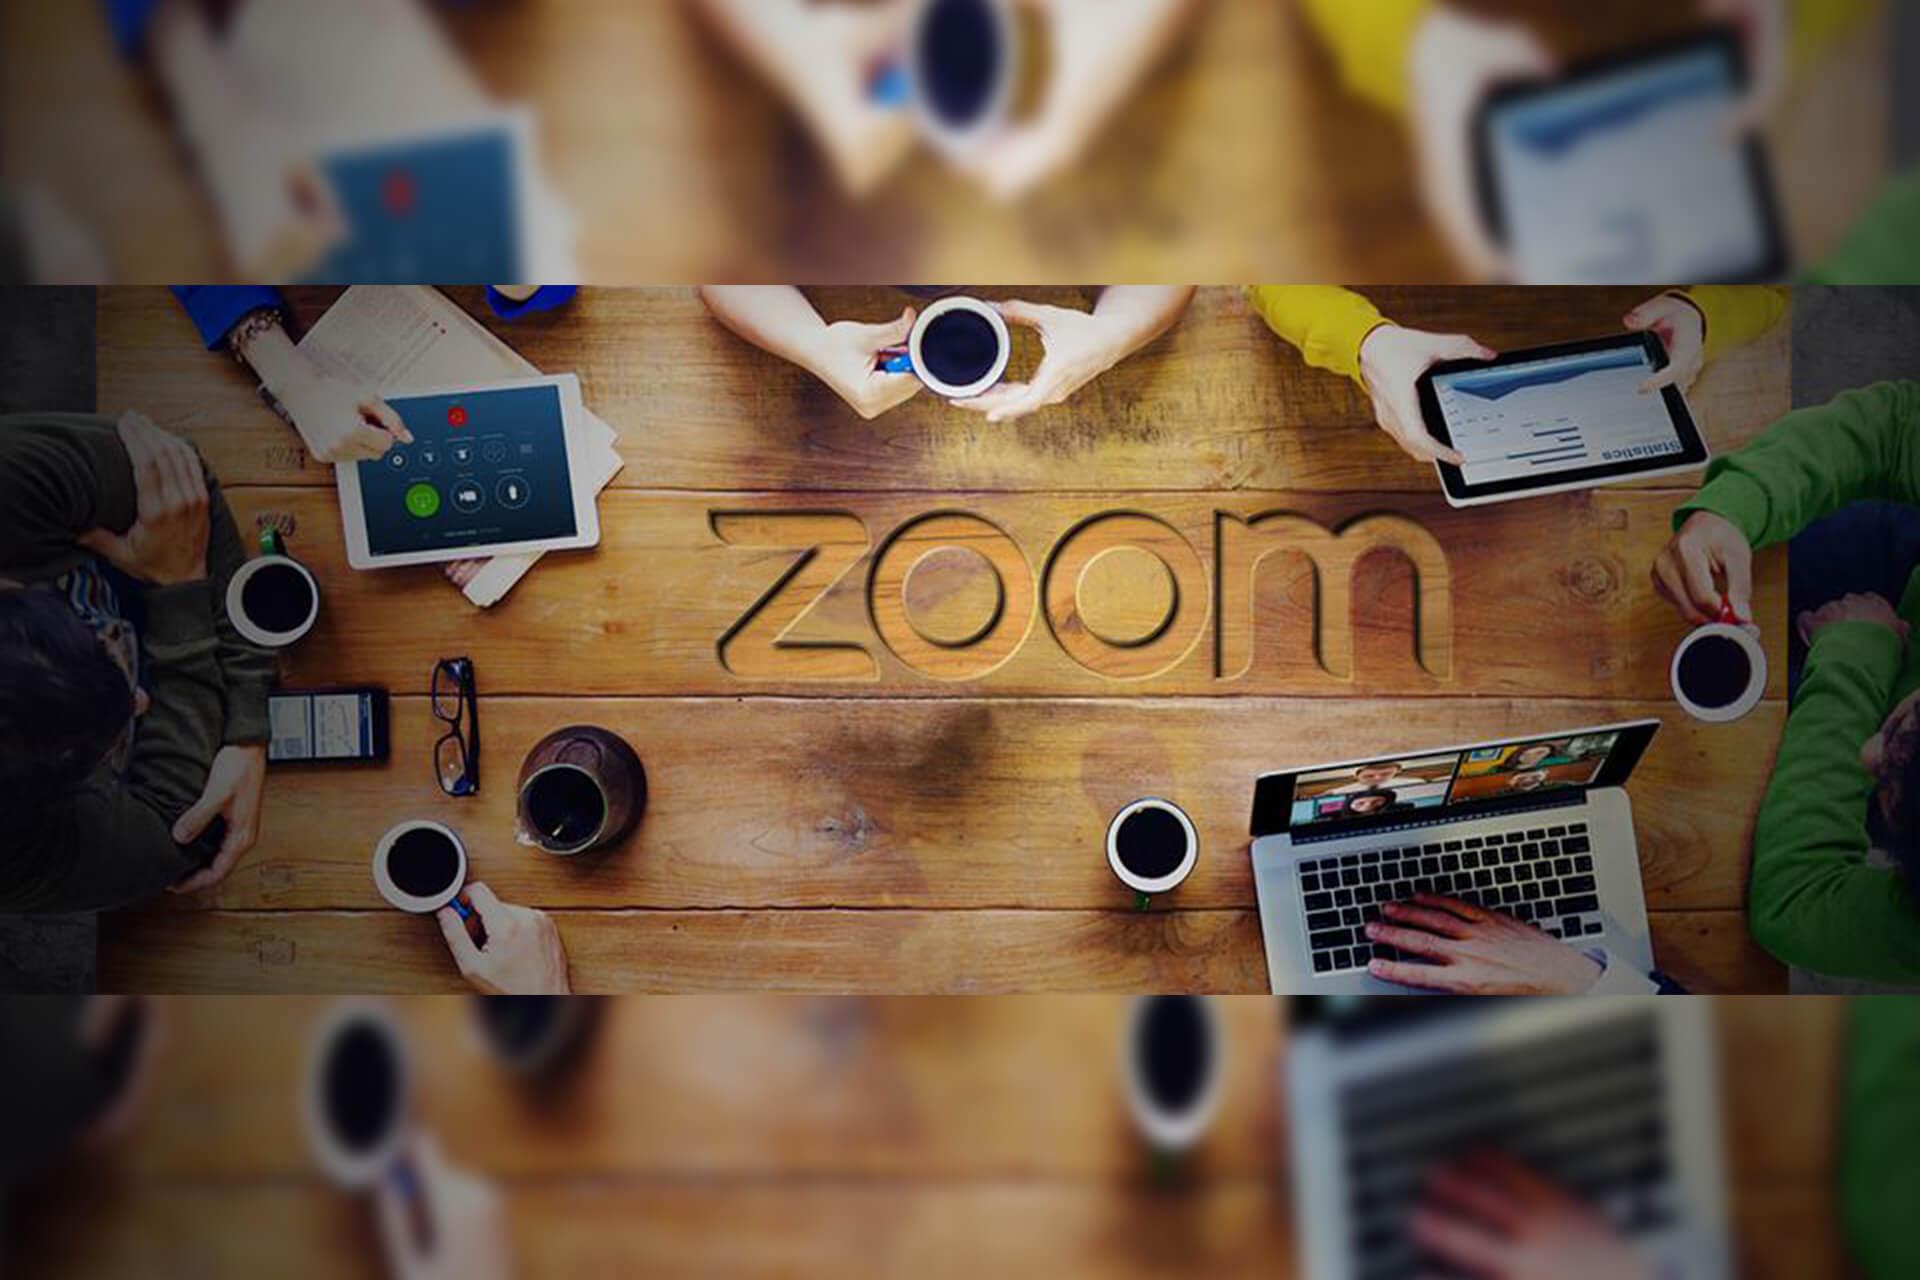 クラウドビデオ会議アプリ「Zoom」をMacで使うと、カメラがハックされるかも?